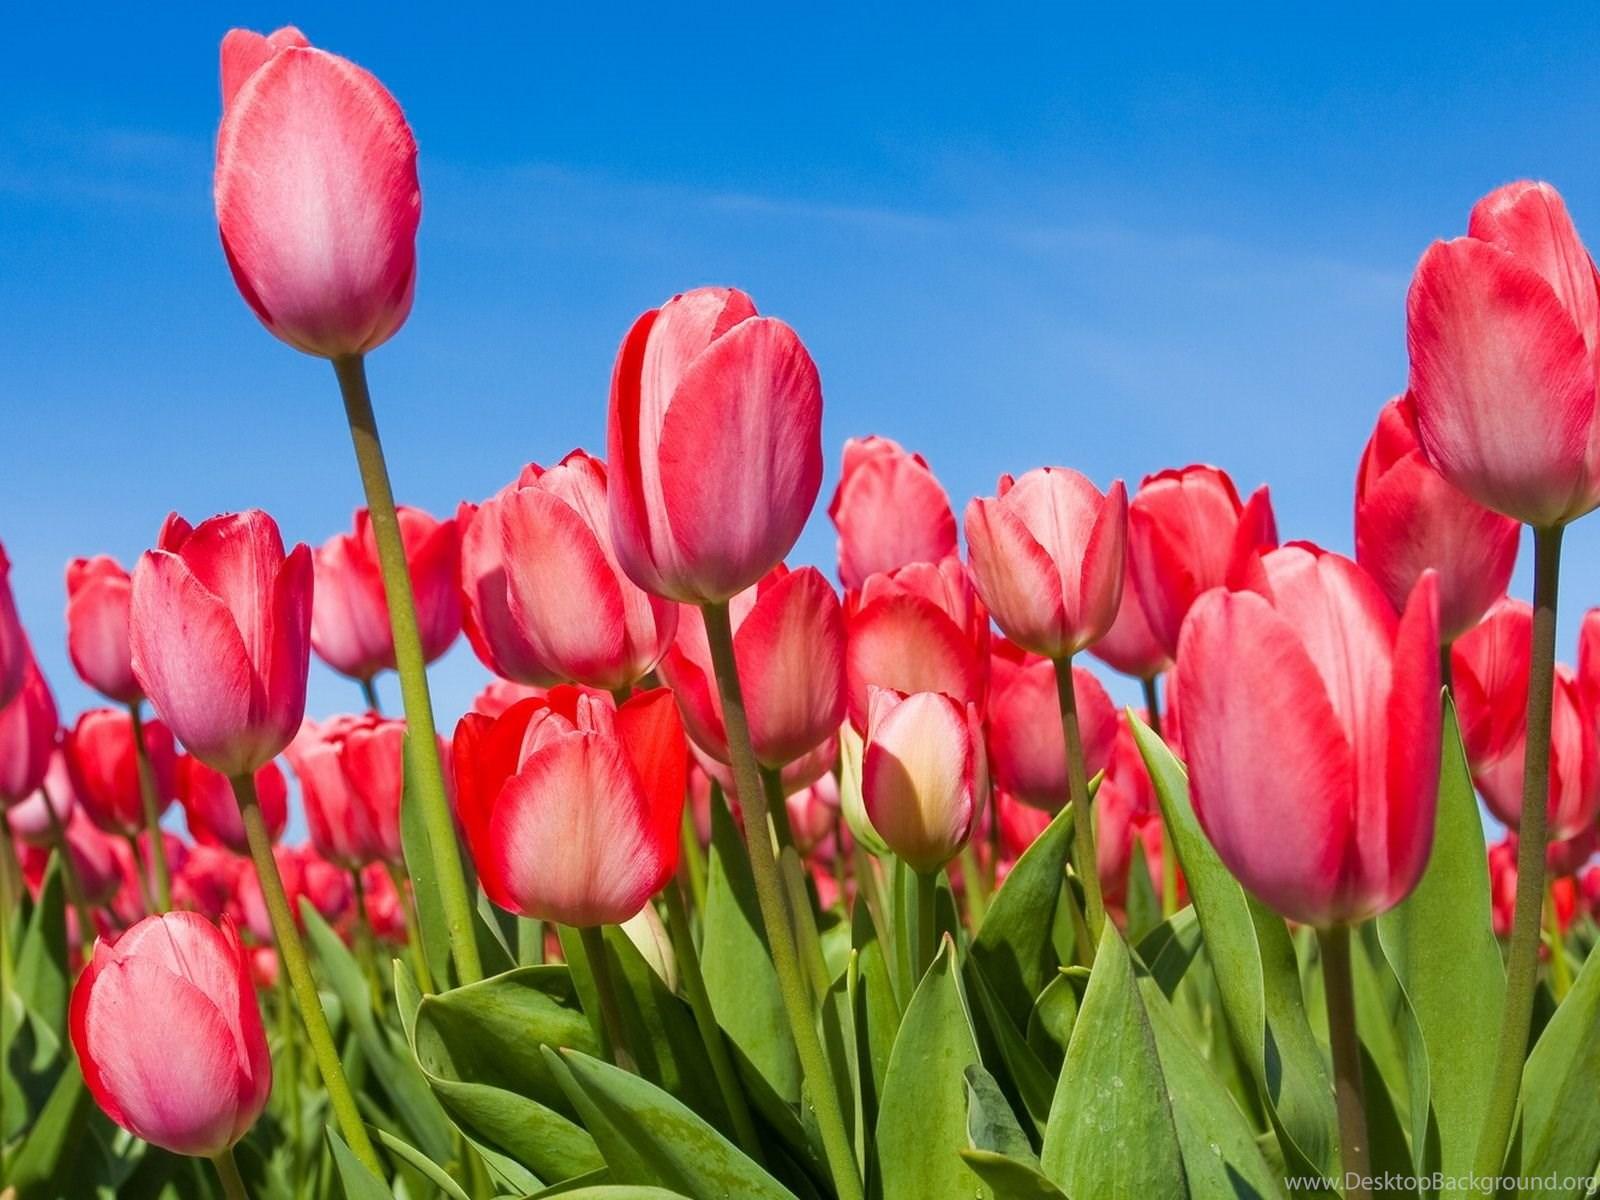 продукцию, тюльпаны фото для телефона для болгарки